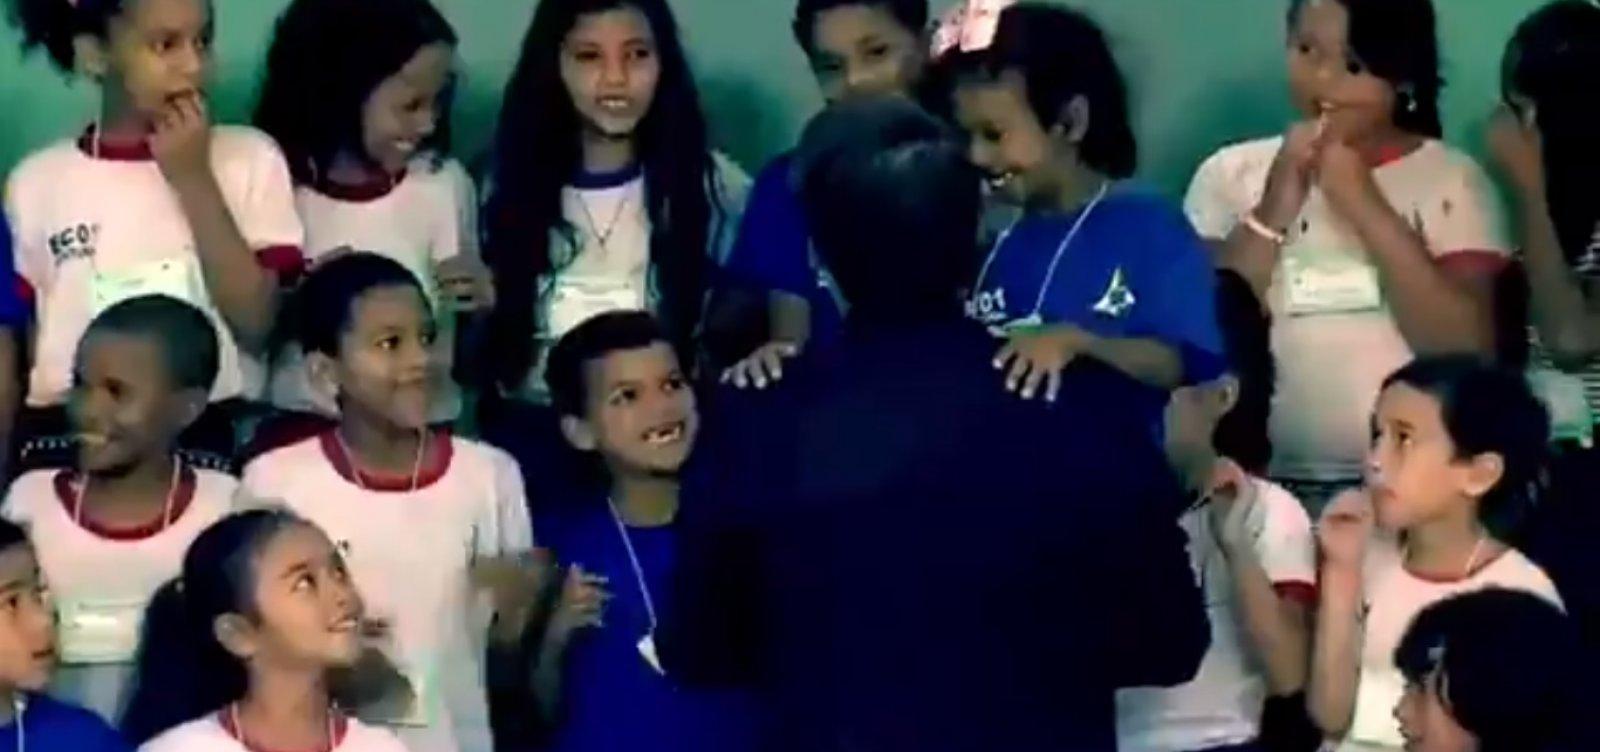 Criança se recusa a cumprimentar Bolsonaro e imagem viraliza